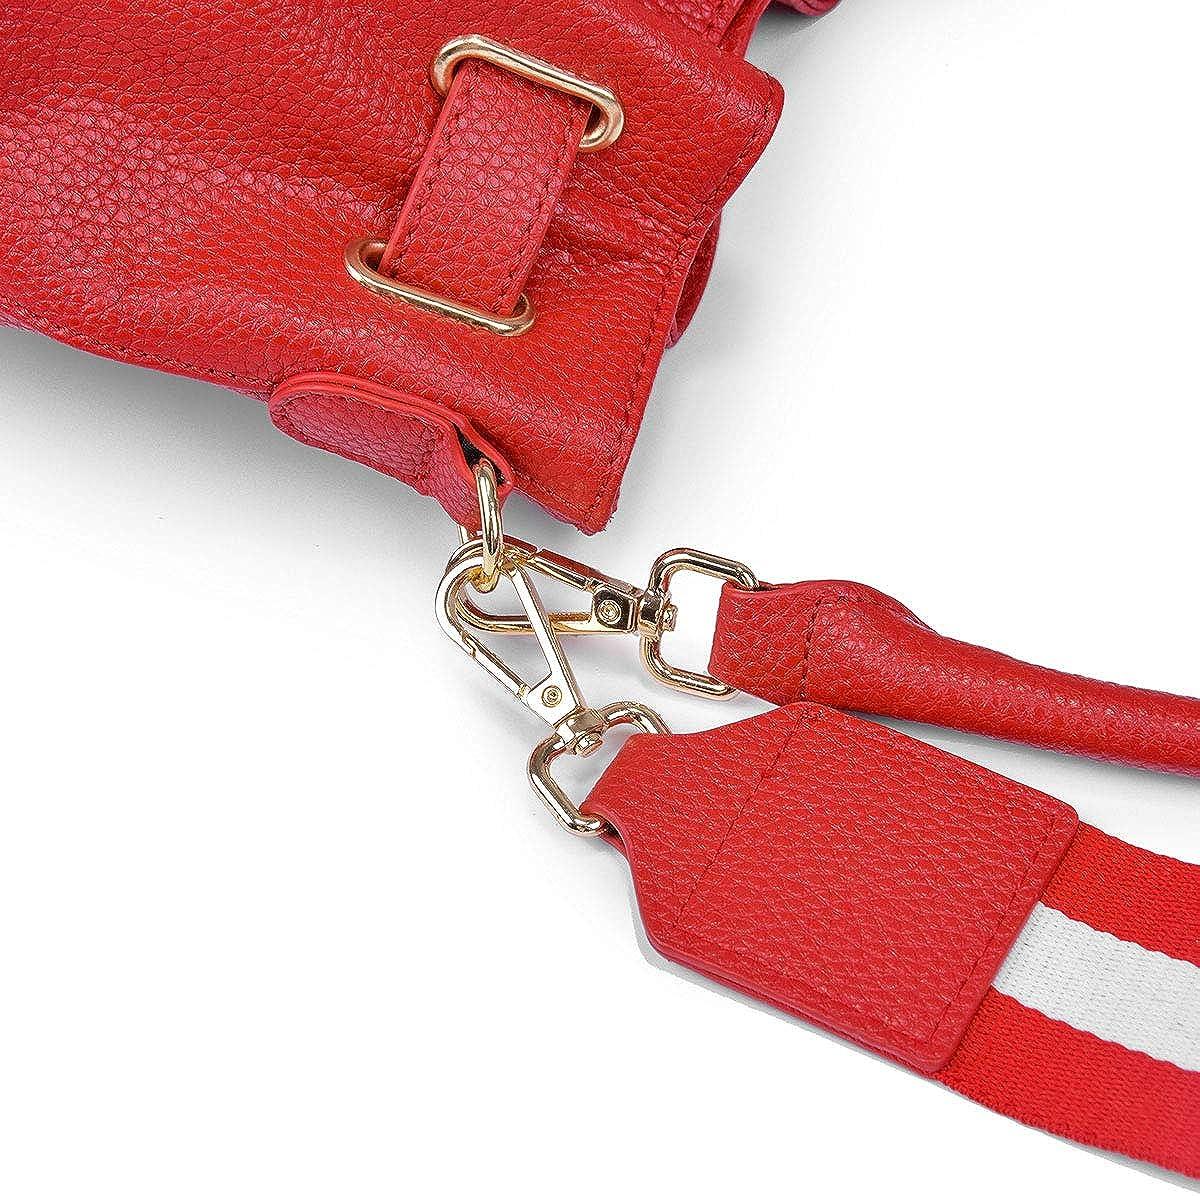 MWY Lederhandtaschen Mode Leder Eimer Tasche Schulter Messenger Bag mobile Handtasche Red